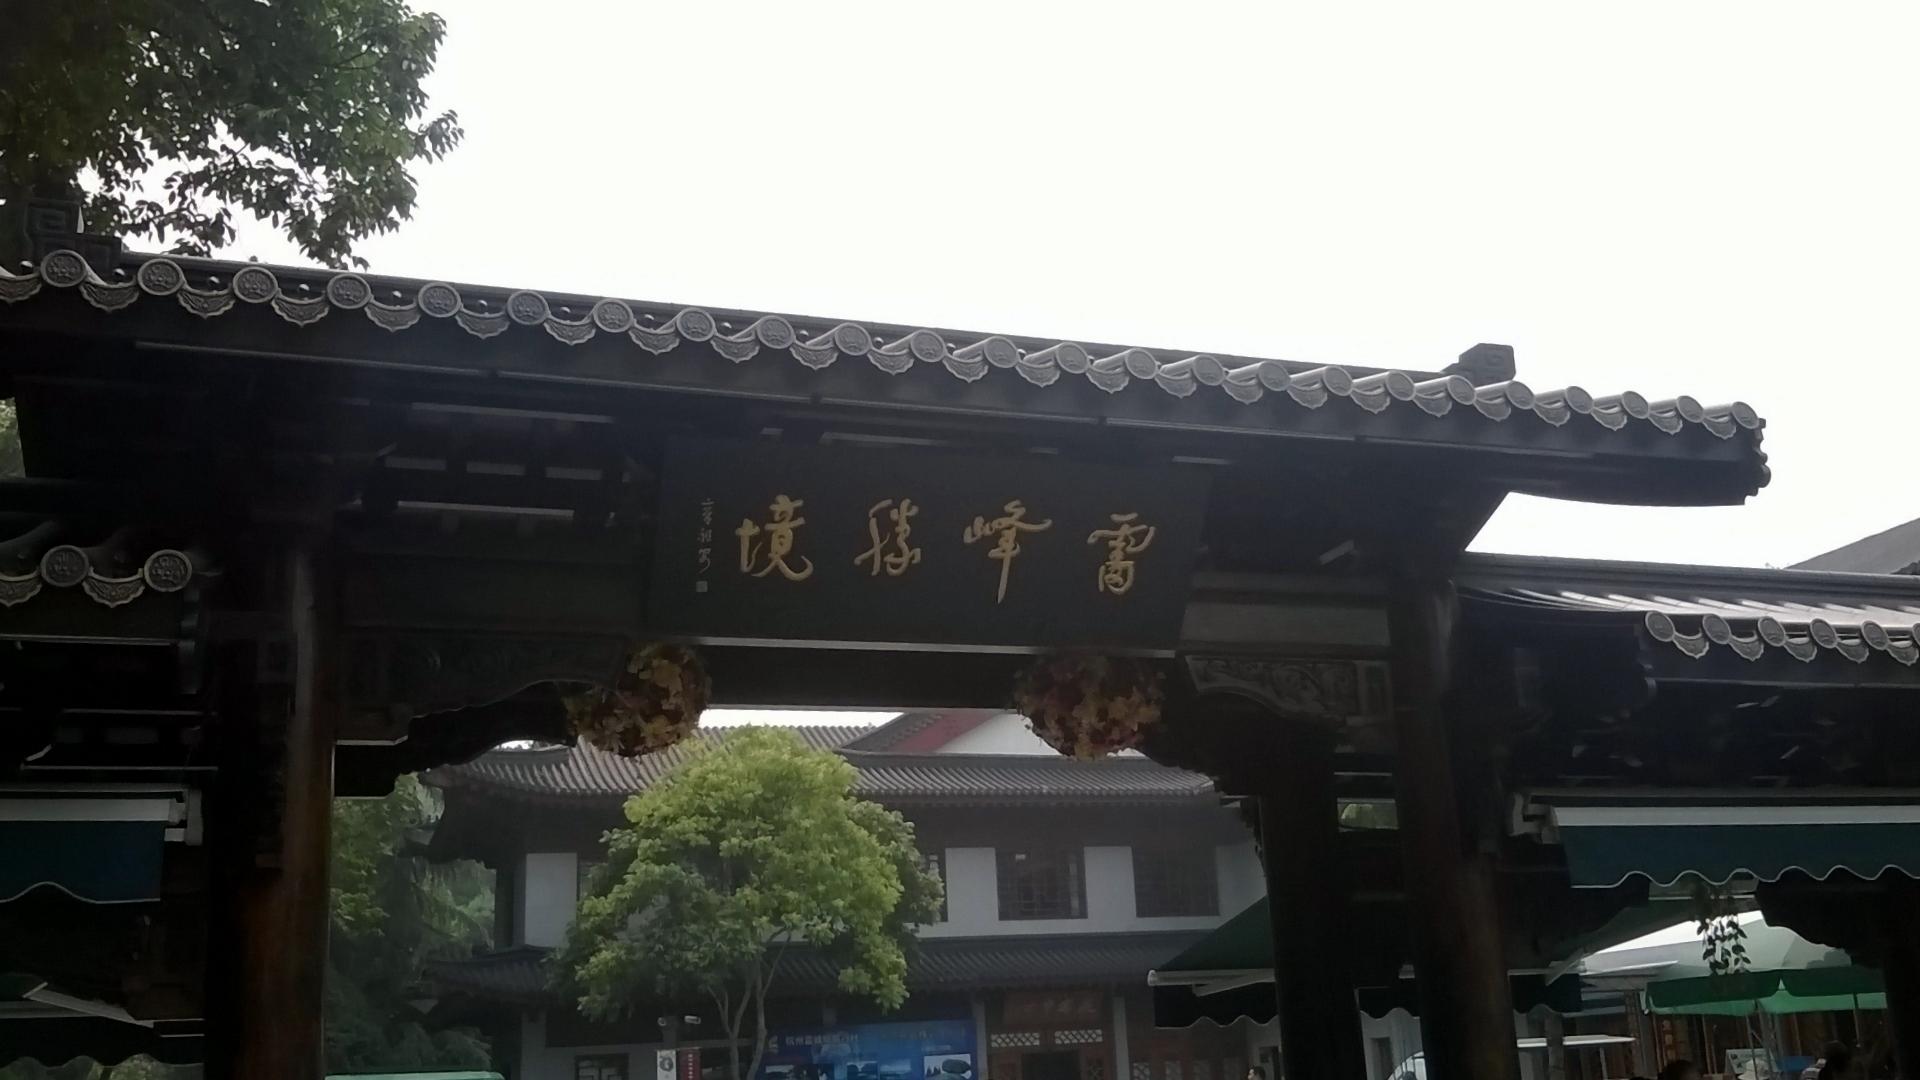 位於入口處的《雷峰佛境》匾額